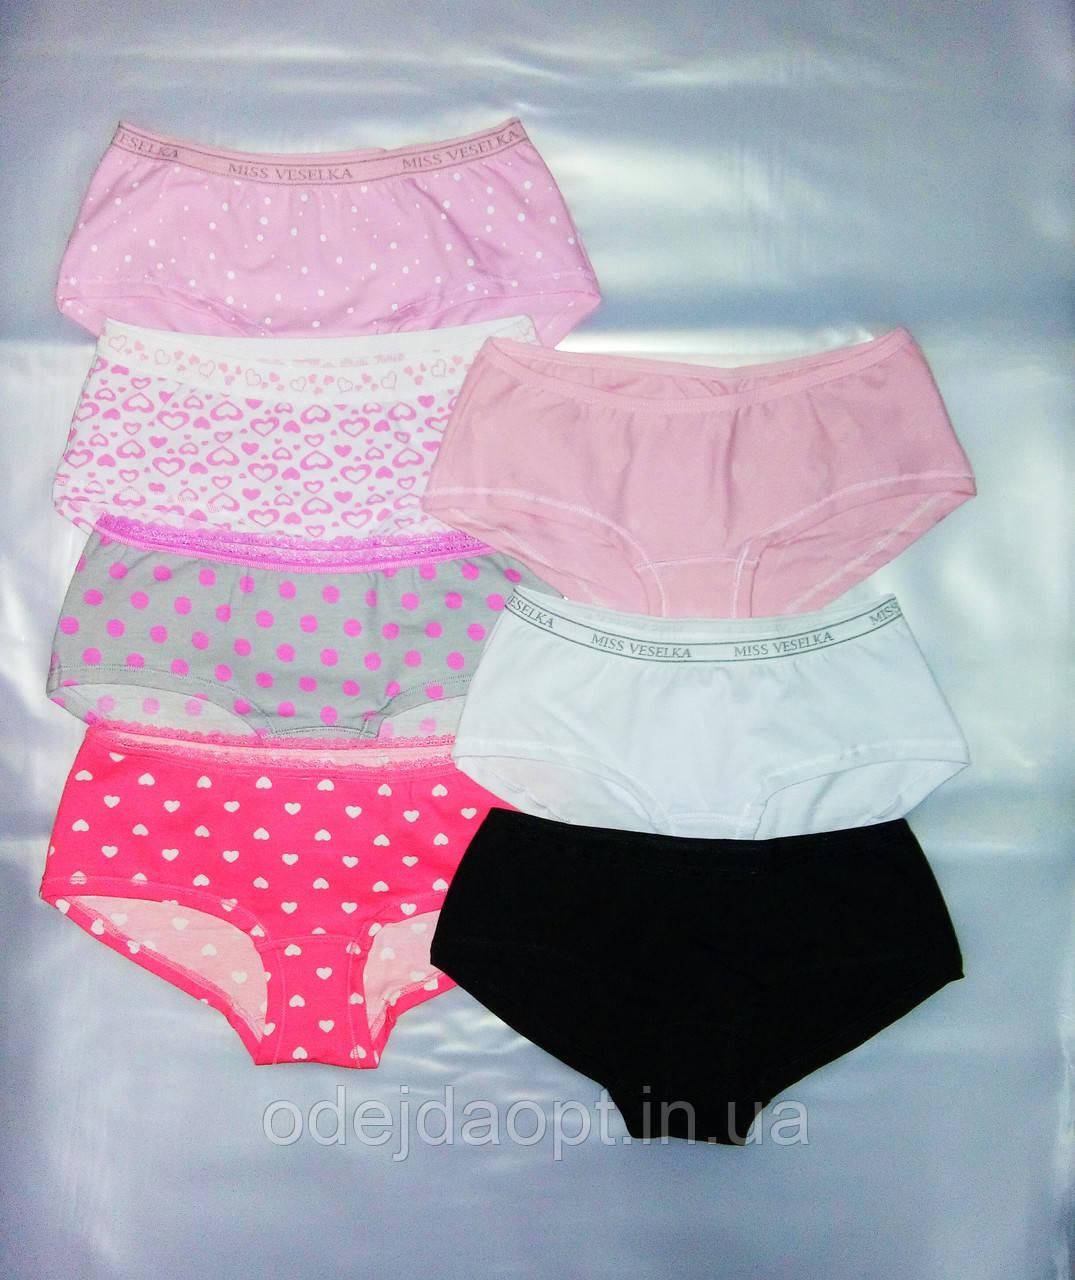 Подростковые трусы--шорты для девочки 9,10,11,12,13 лет